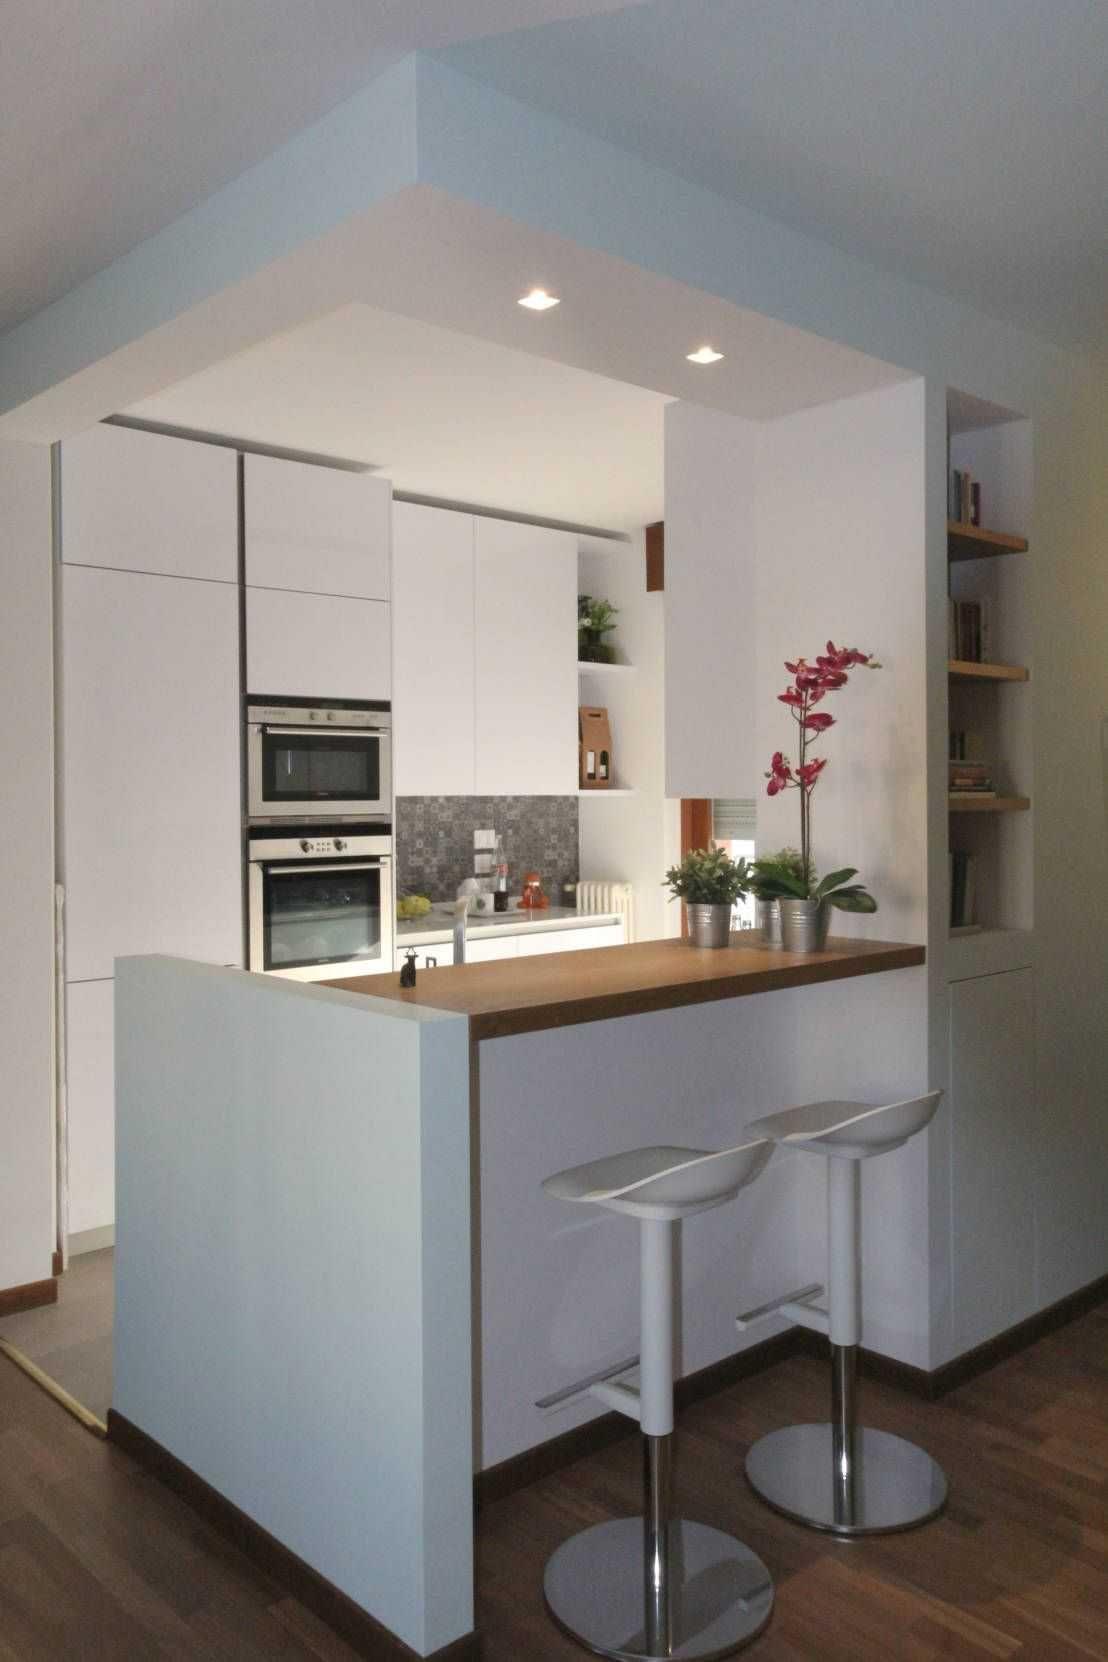 antes depois a cozinha que decoracion planos cocina On precio de cocina americana